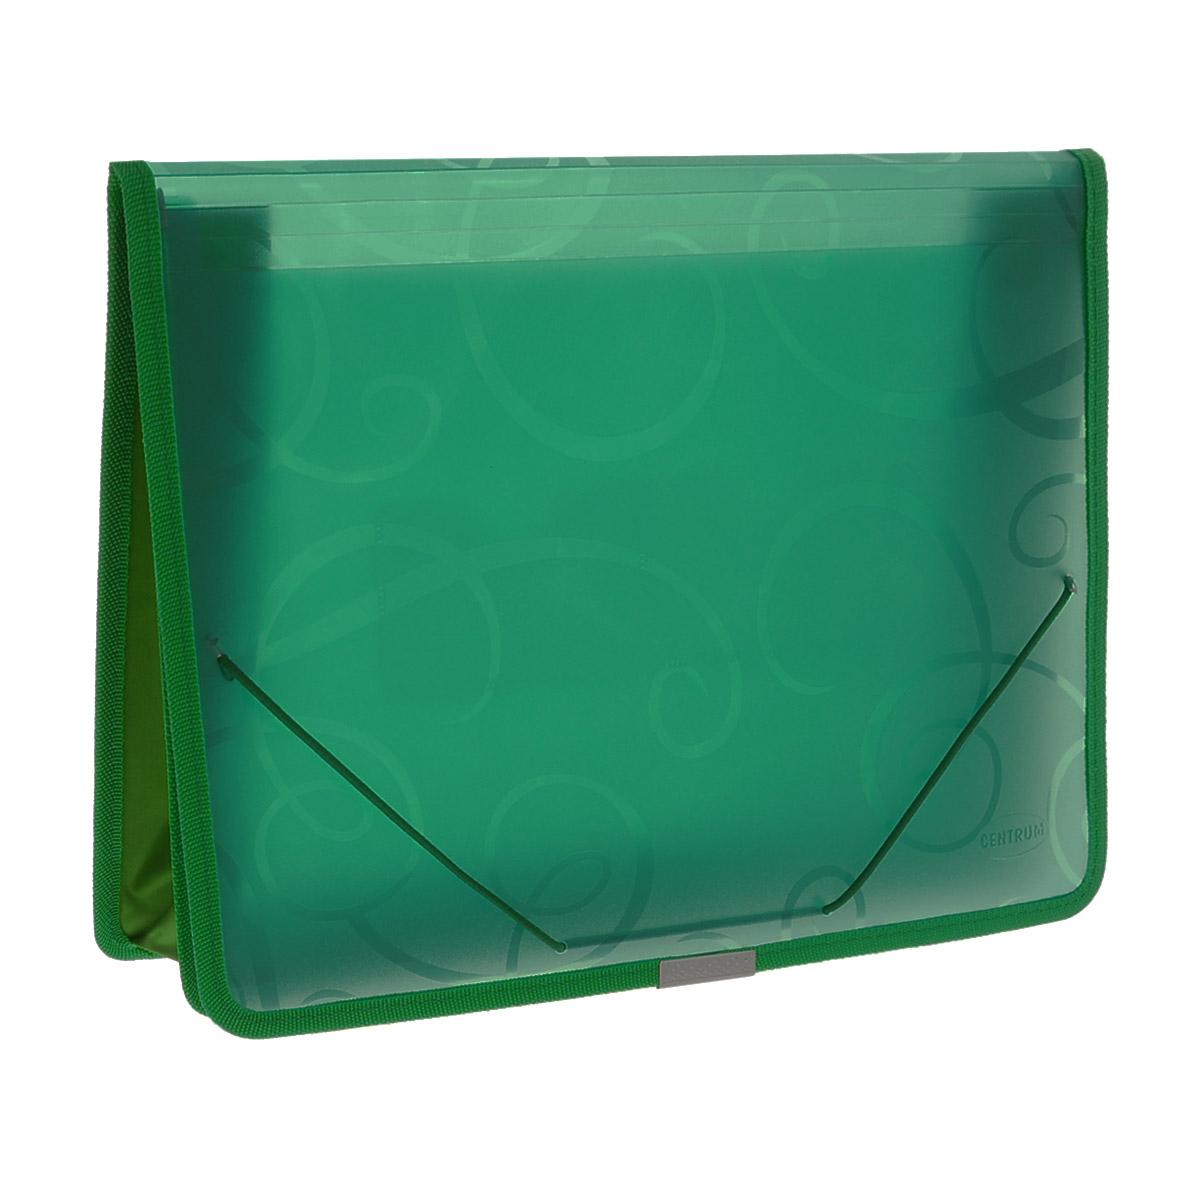 Папка на резинке Centrum, цвет: зеленый, формат А4. 8080231012Папка на резинке Centrum станет вашим верным помощником дома и в офисе. Это удобный и функциональный инструмент, предназначенный для хранения и транспортировки больших объемов рабочих бумаг и документов формата А4.Папка изготовлена из износостойкого высококачественного пластика. Состоит из одного вместительного отделения и дополнена 2 накладными кармашками. Грани папки отделаны полиэстером и металлическим лейблом для дополнительной прочности и сохранности опрятного вида папки.Папка - это незаменимый атрибут для любого студента, школьника или офисного работника. Такая папка надежно сохранит ваши бумаги и сбережет их от повреждений, пыли и влаги.